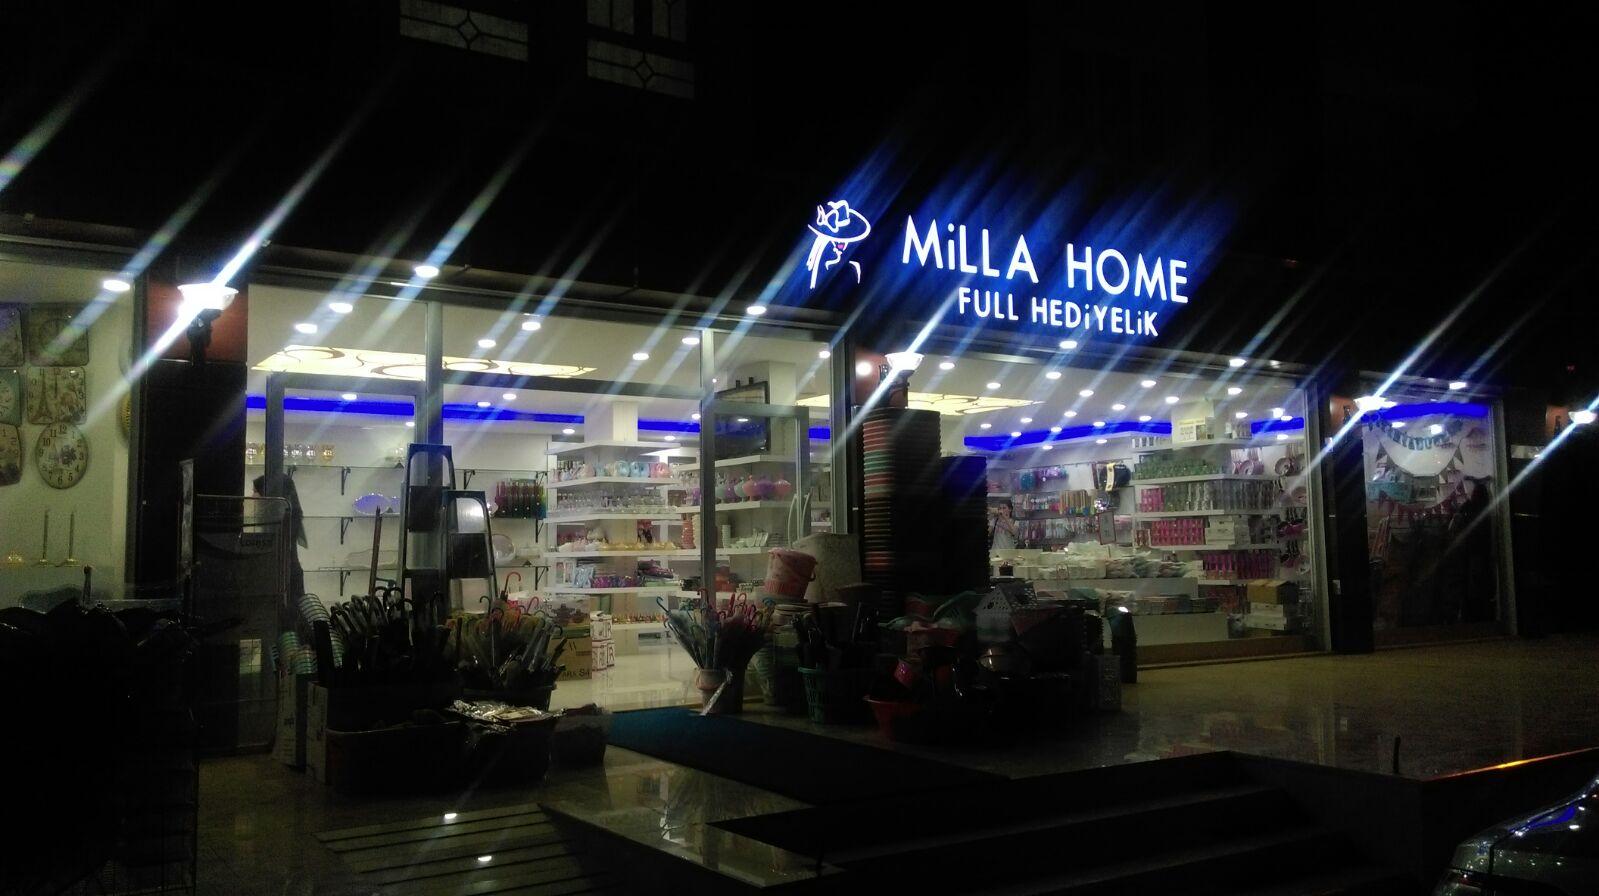 Milla Home